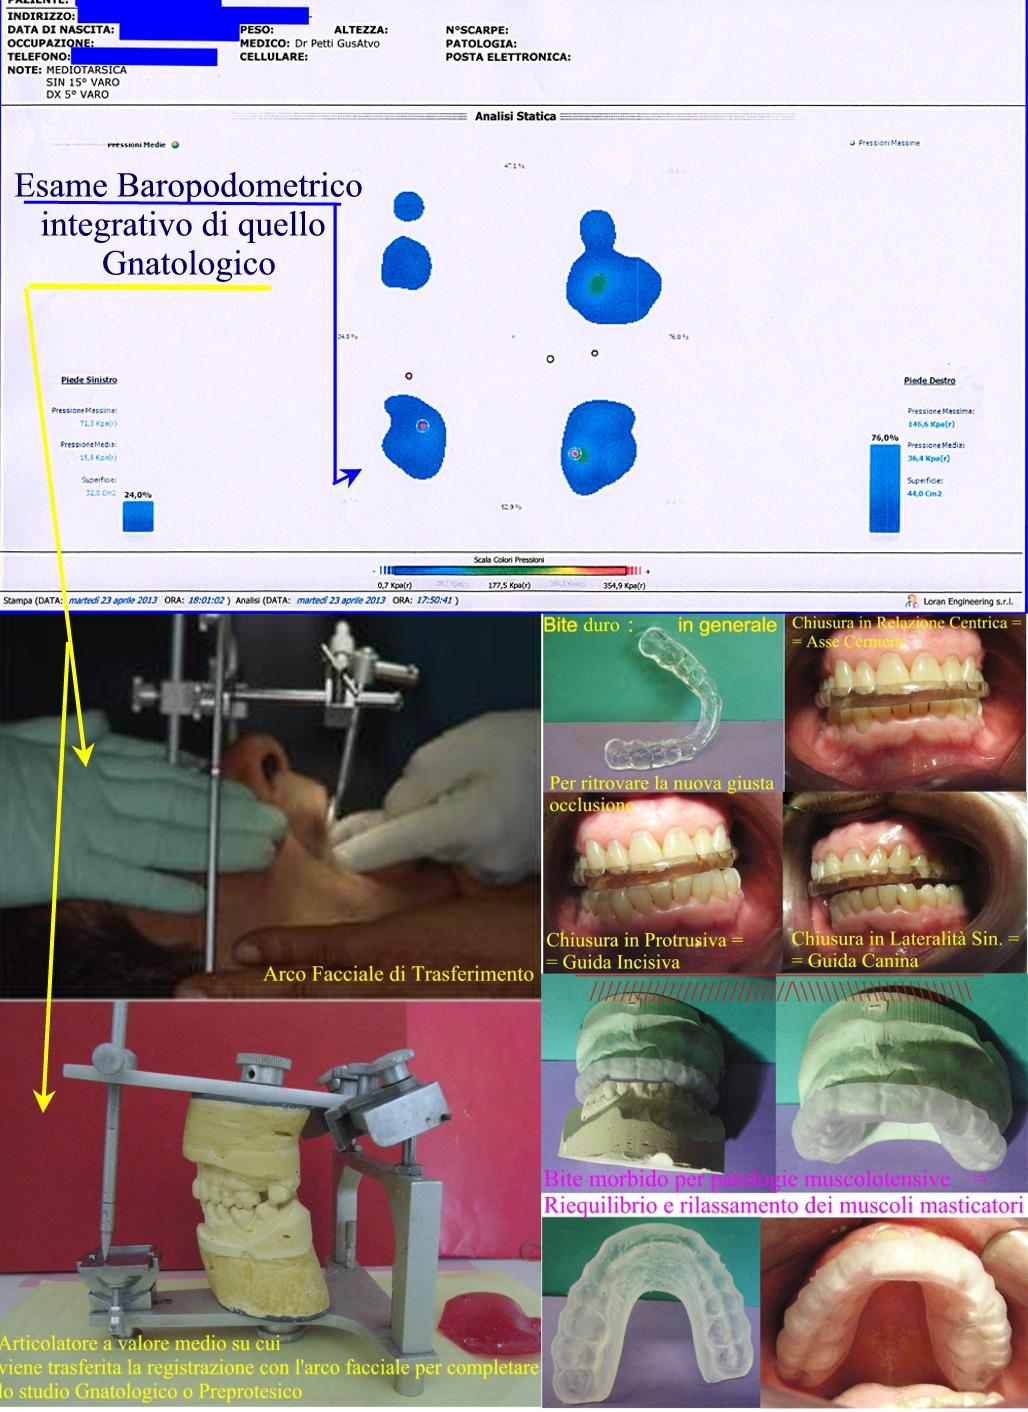 arco Facciale di trasferimento, analisi statica e i bite in Gnatologia. Da Dr. Gustavo Petti Parodontologo Gnatologo di Cagliari